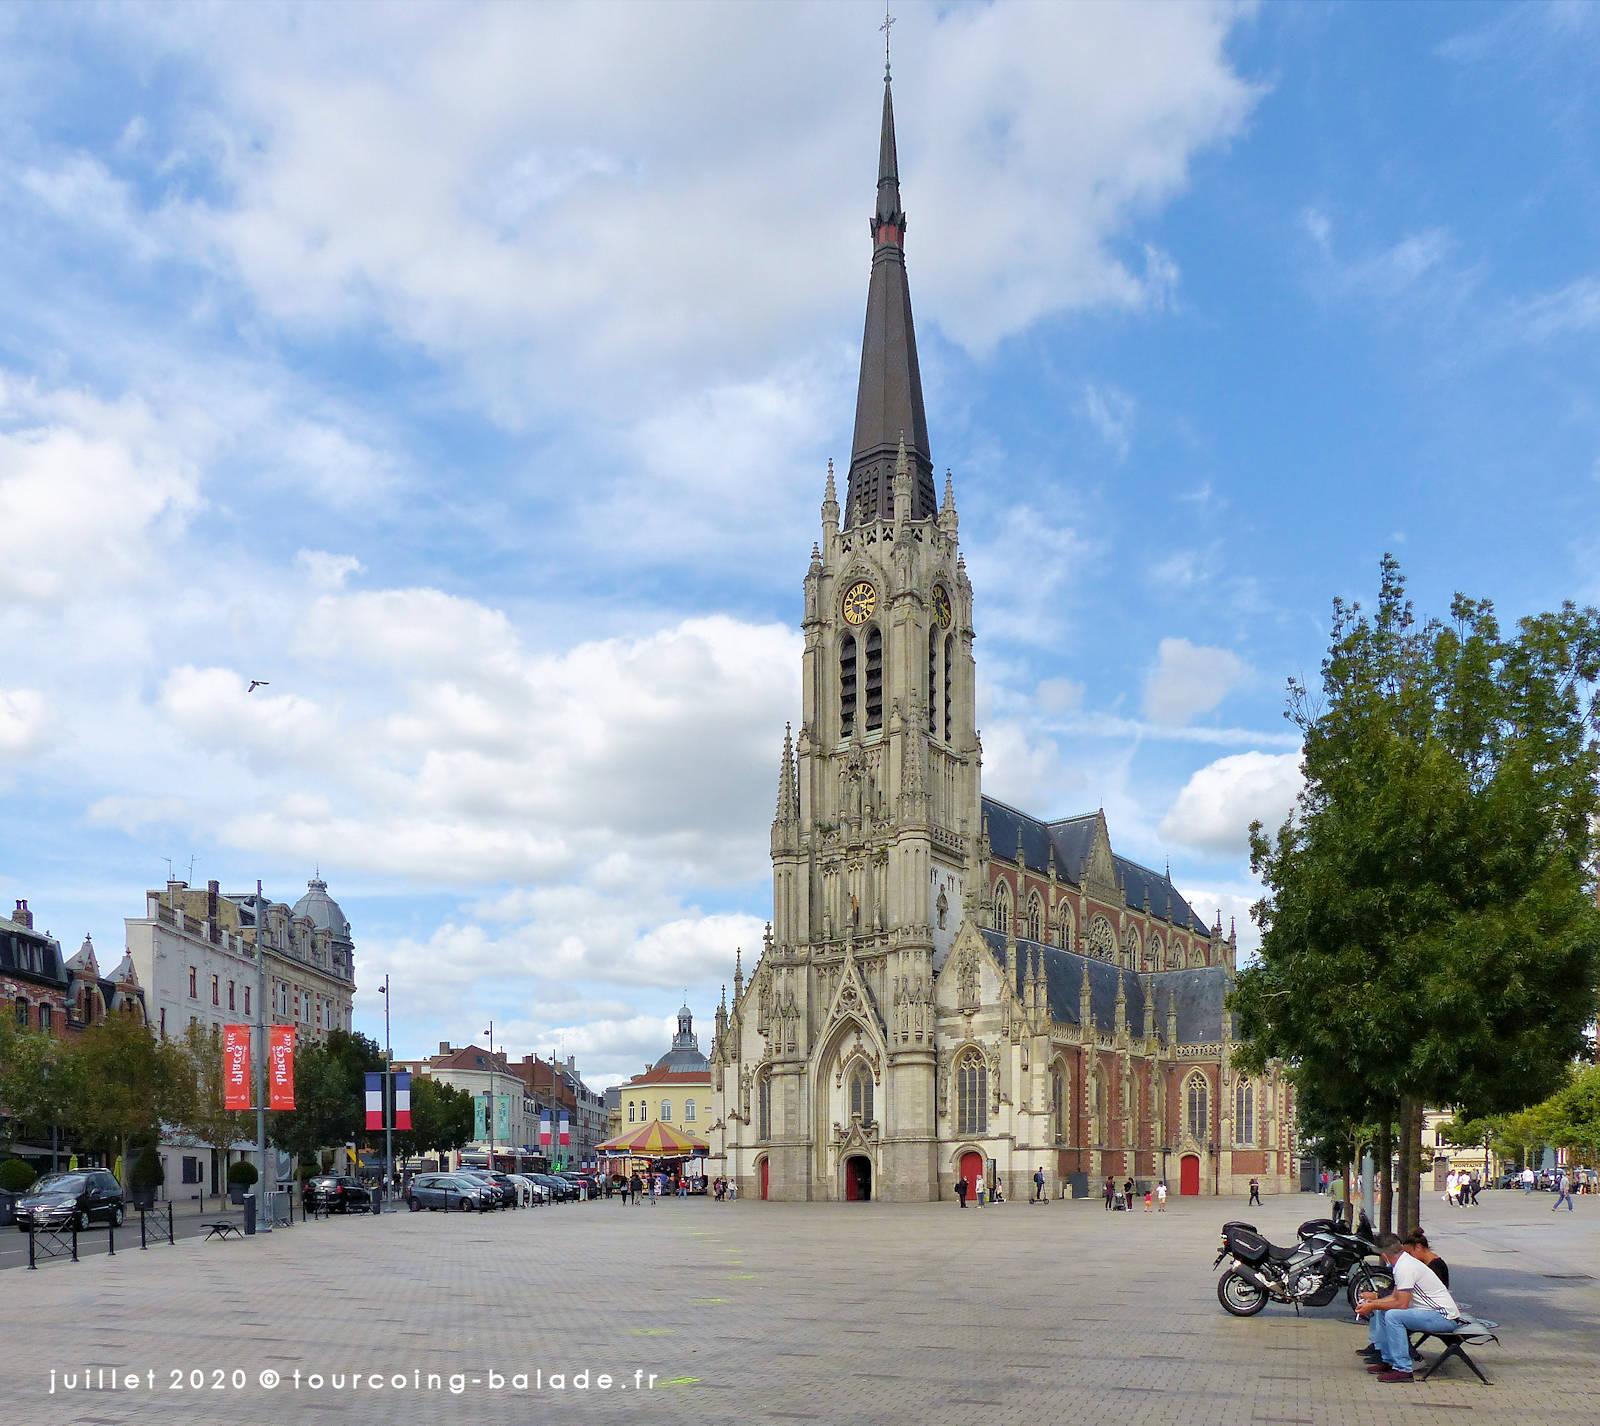 Parvis et église Saint Christophe, Tourcoing 2020.